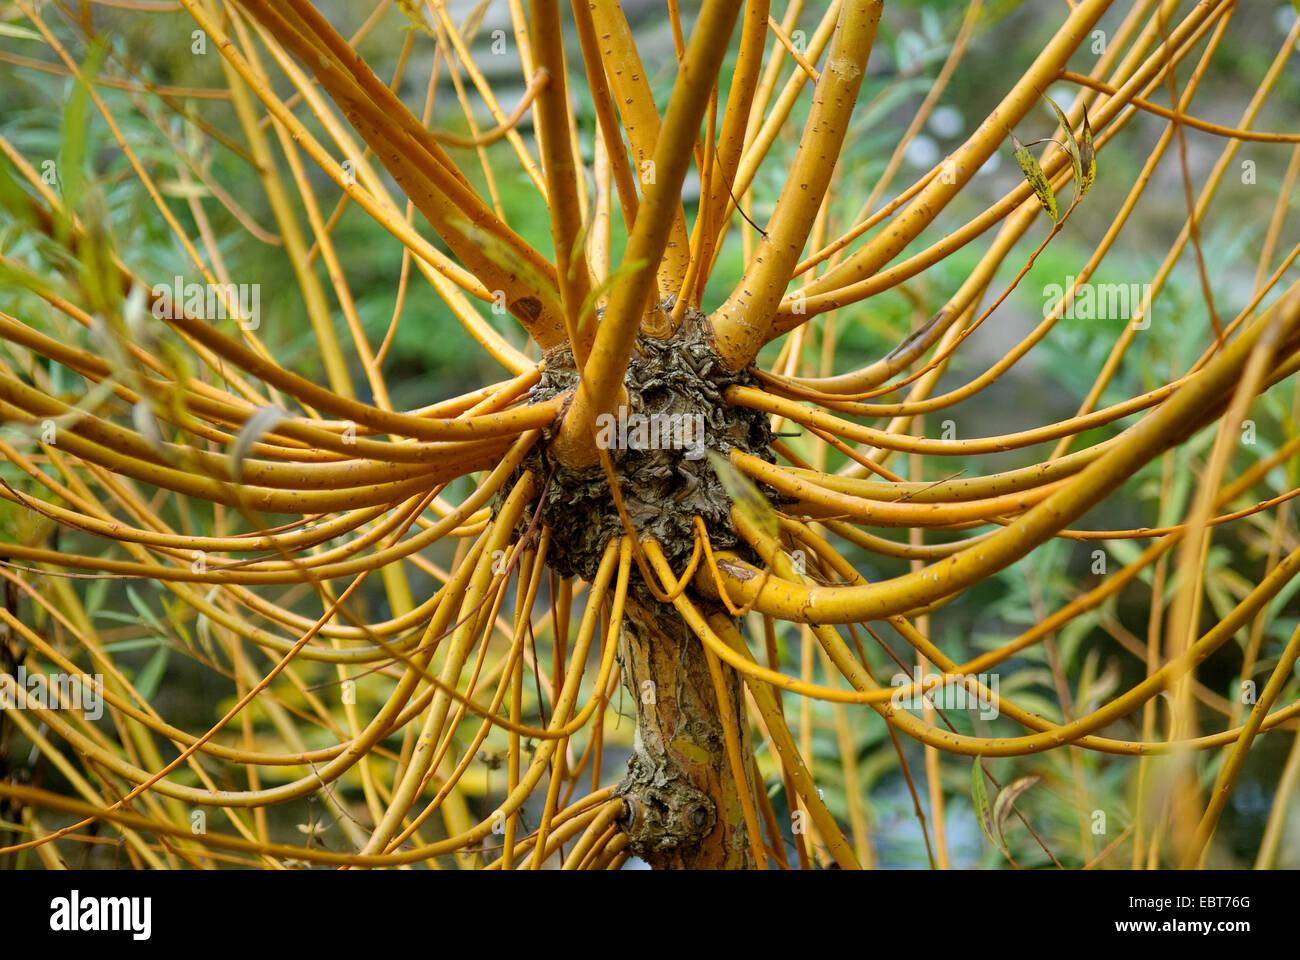 White willow (Salix alba 'Chermesina', Salix alba Chermesina), cultivar Chermesina - Stock Image